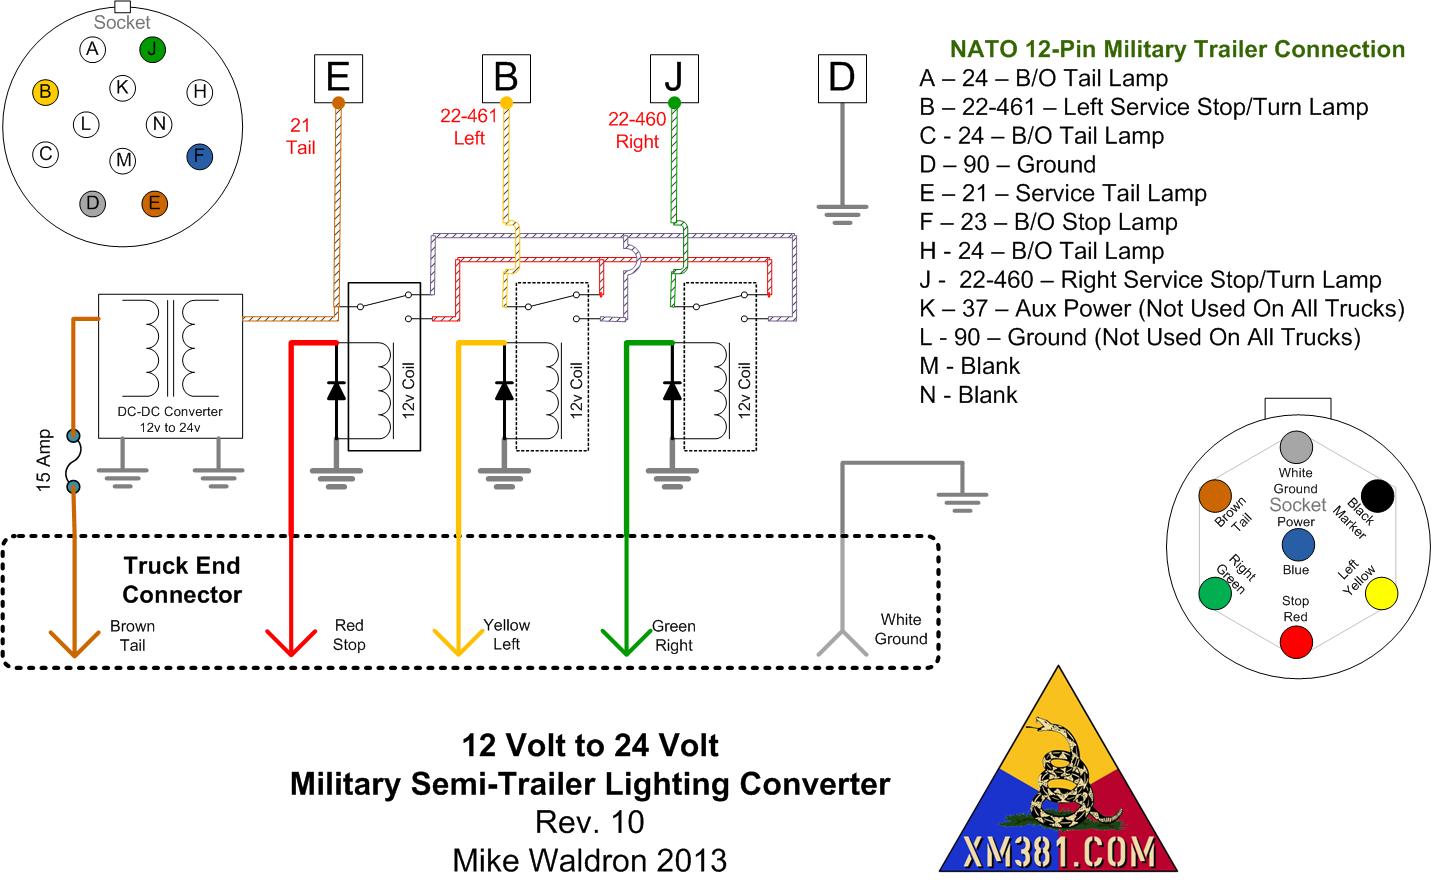 Fabulous Xm381 12 Volt Civllian Truck To 24 Volt Military Trailer Lighting Wiring Cloud Hemtegremohammedshrineorg